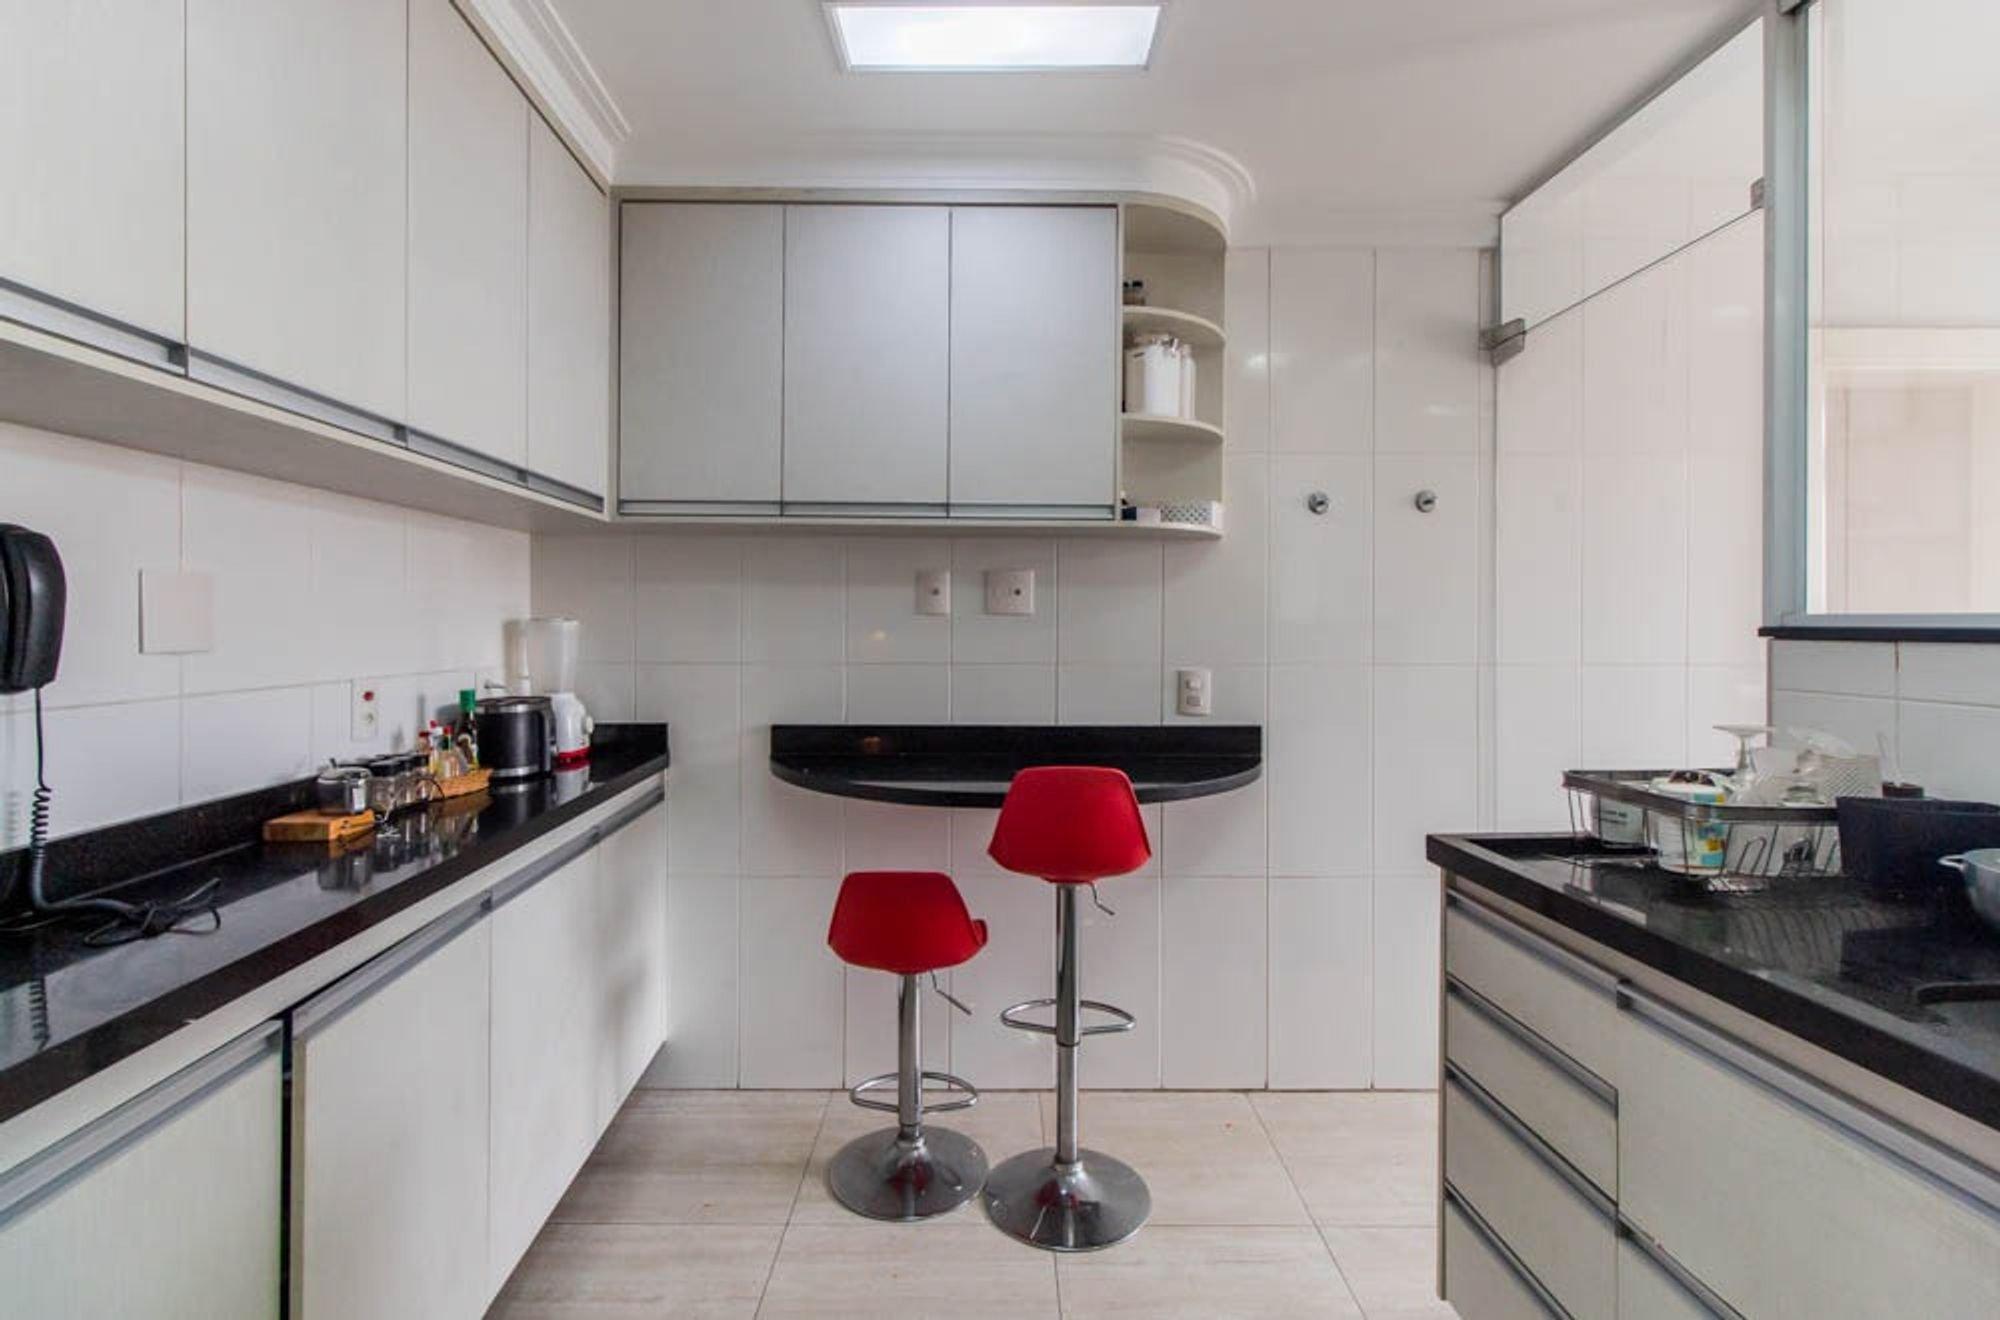 Foto de Cozinha com tigela, cadeira